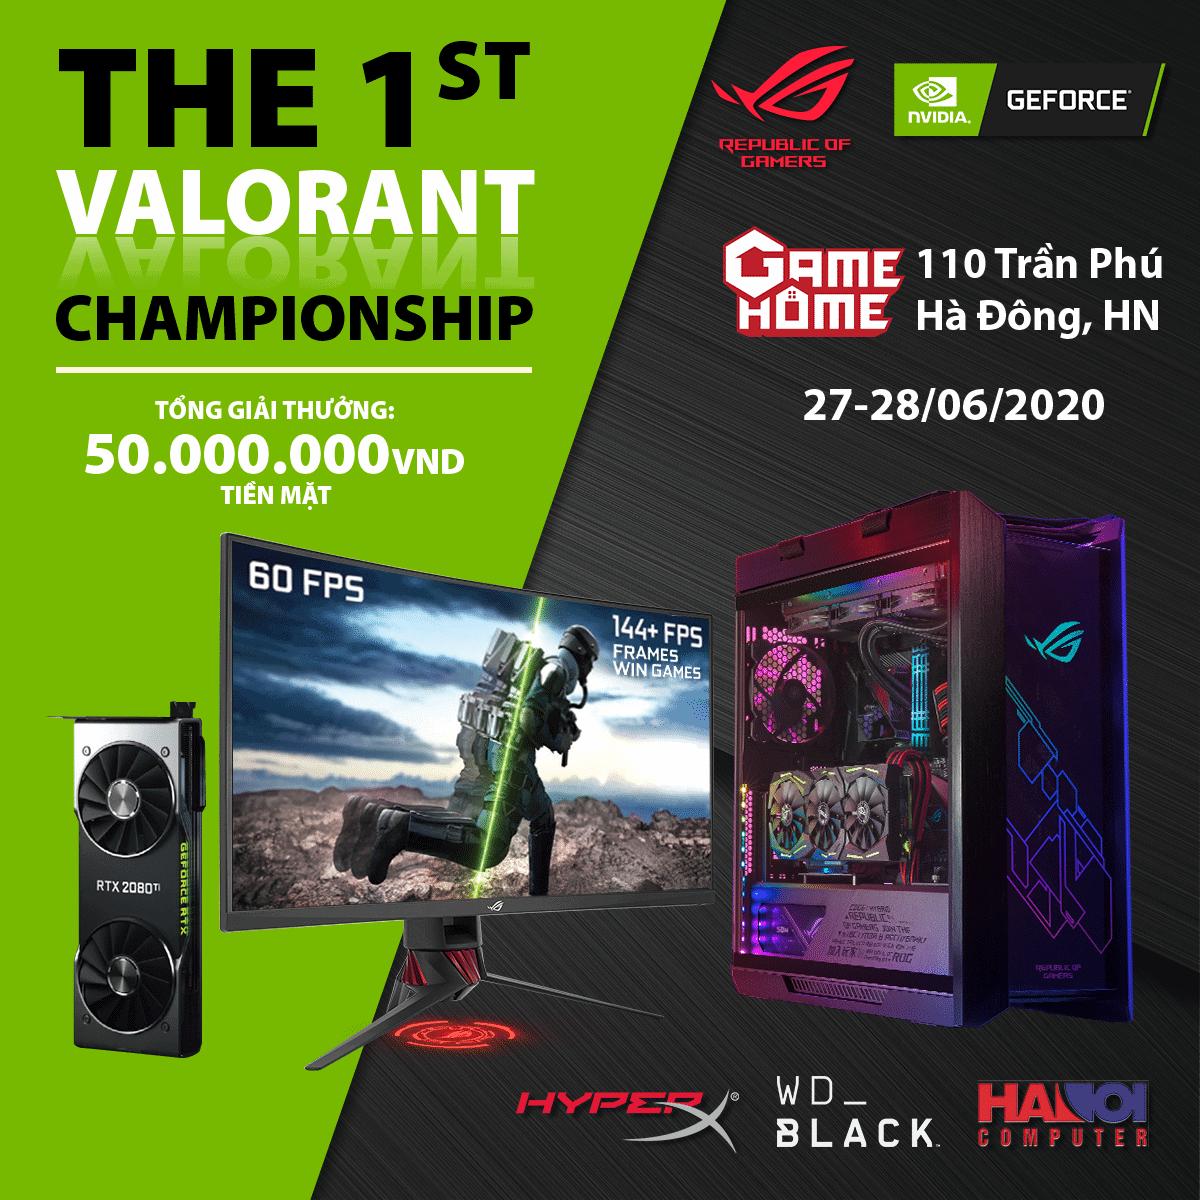 ROG và NVIDIA công bố giải đấu Valorant offline  đầu tiên trên thế giới